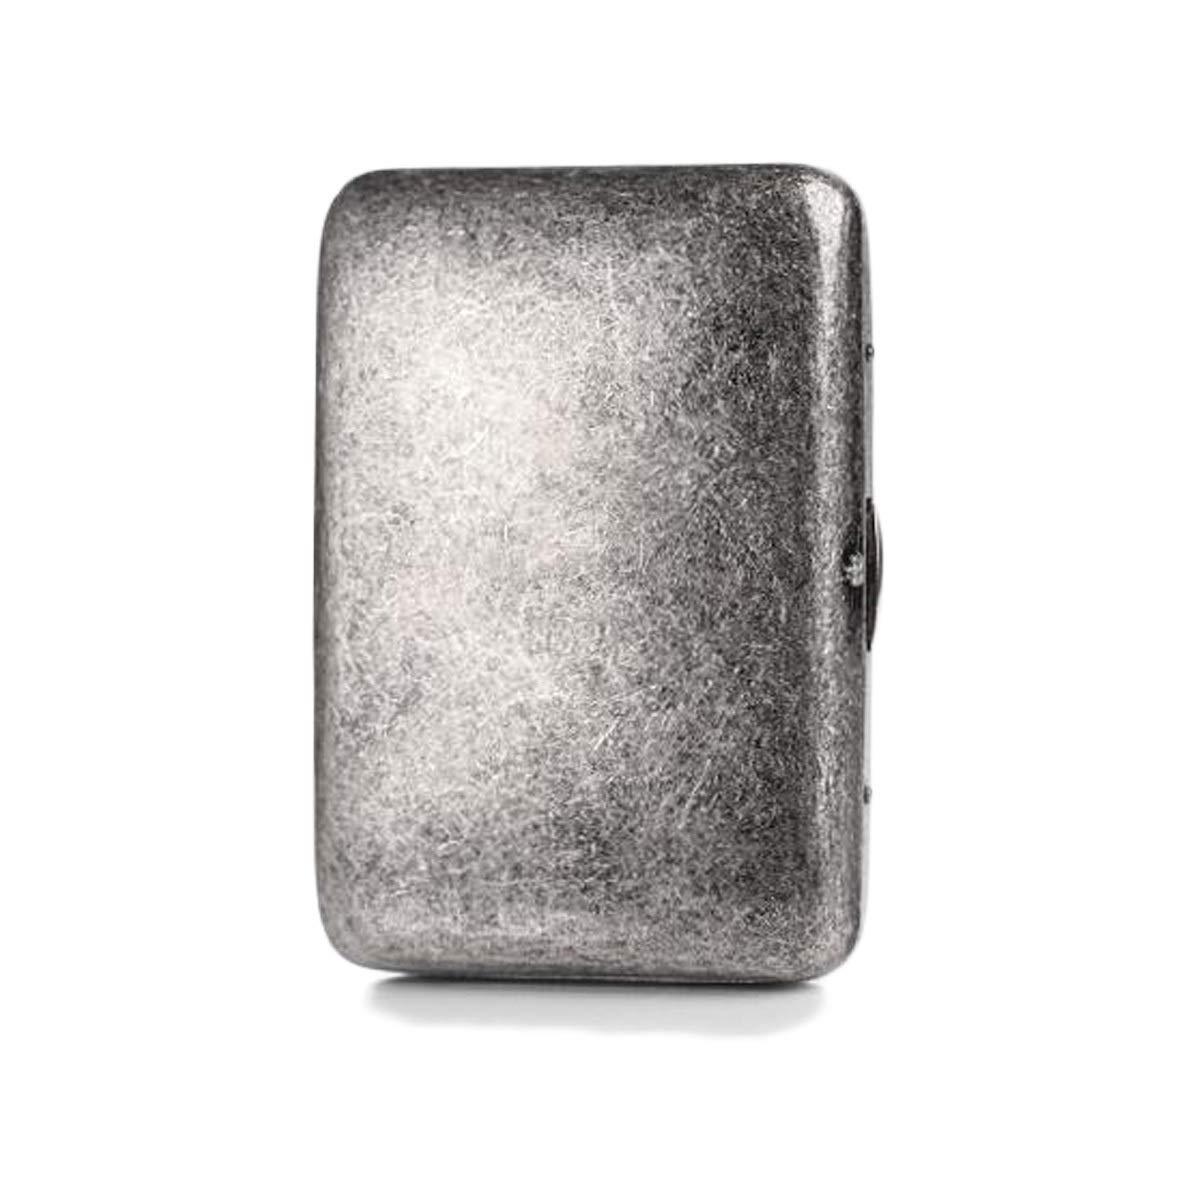 WENPINHUI Cigarette Case, 16 Sticks of Pure Copper Antique Silver Metal Retro Creative Personality Cigarette Box Male Portable Cigarette Holder (Color : Silver) by WENPINHUI